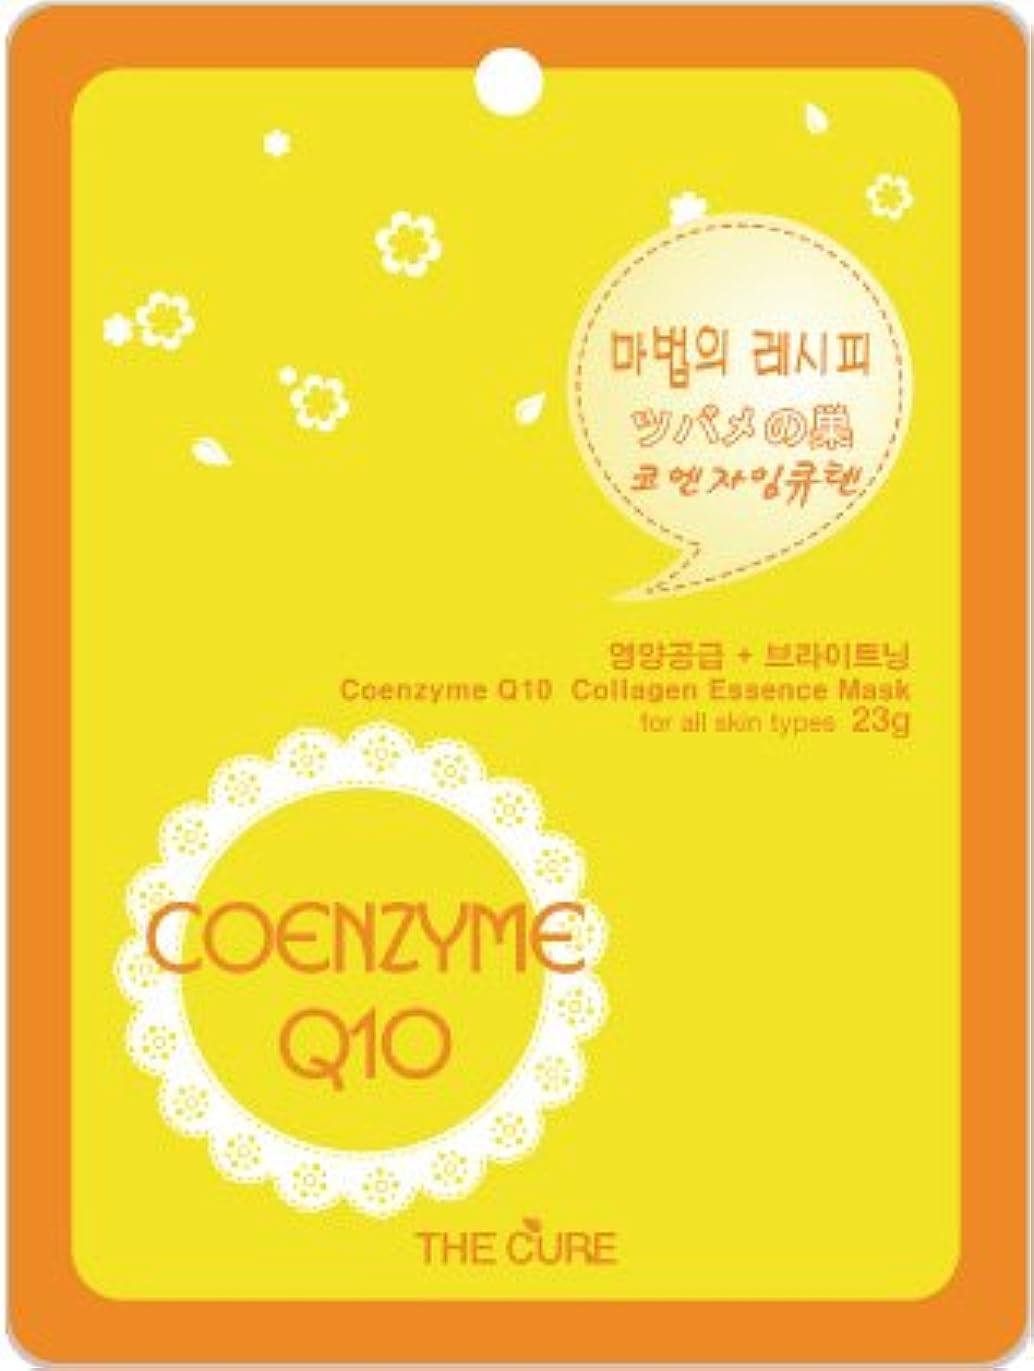 コエンザイムQ10 コラーゲン エッセンス マスク THE CURE シート パック 10枚セット 韓国 コスメ 乾燥肌 オイリー肌 混合肌